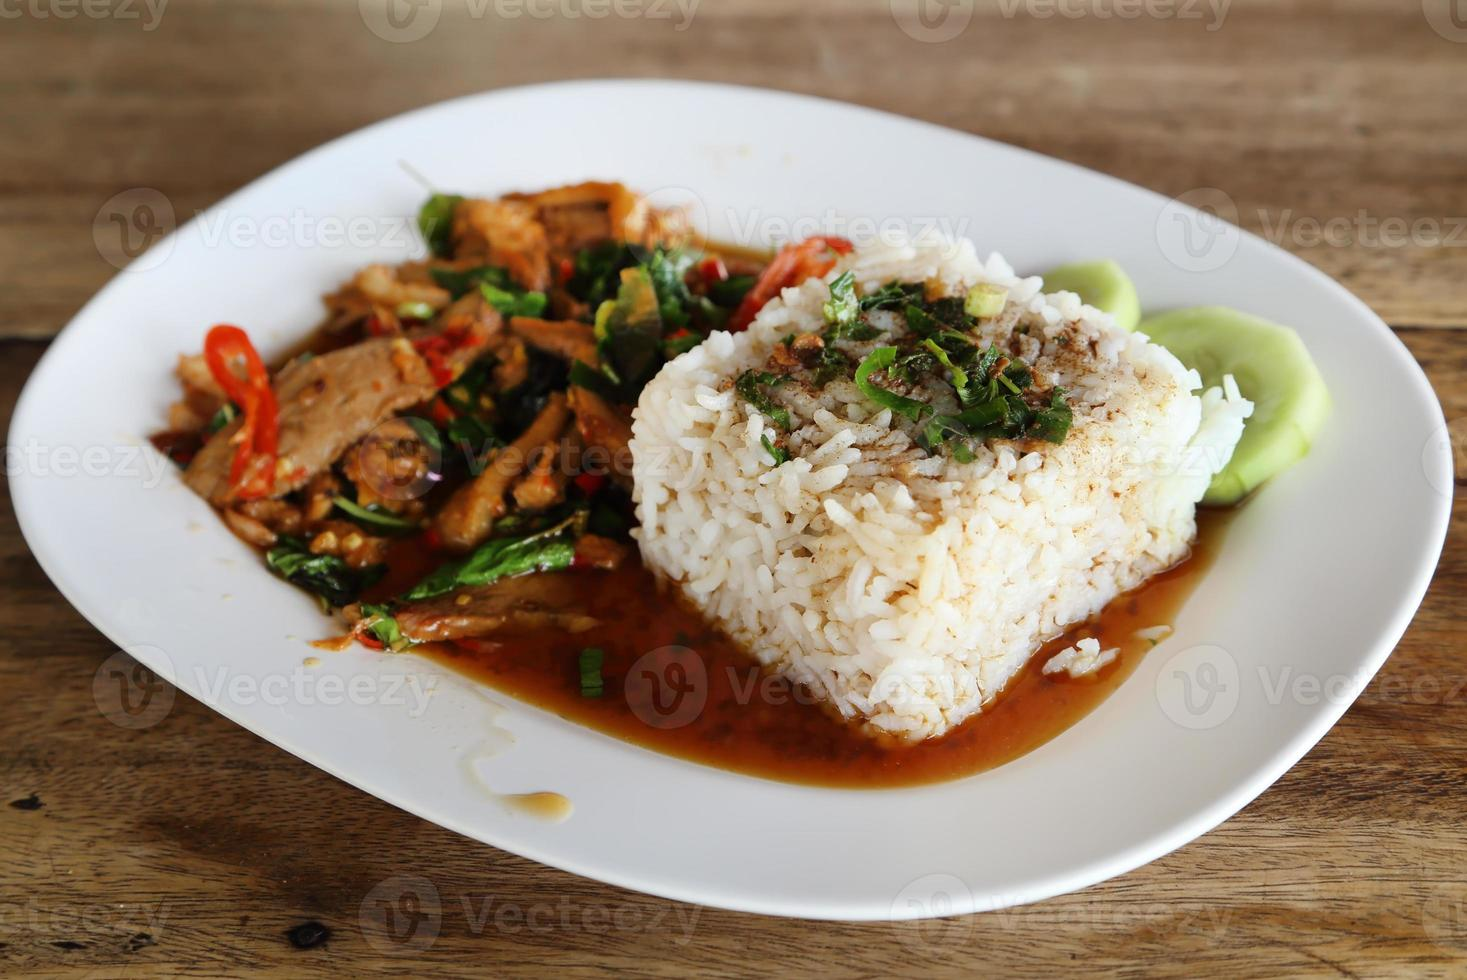 porc frit avec basi sucré et riz gluant au jasmin blanc photo